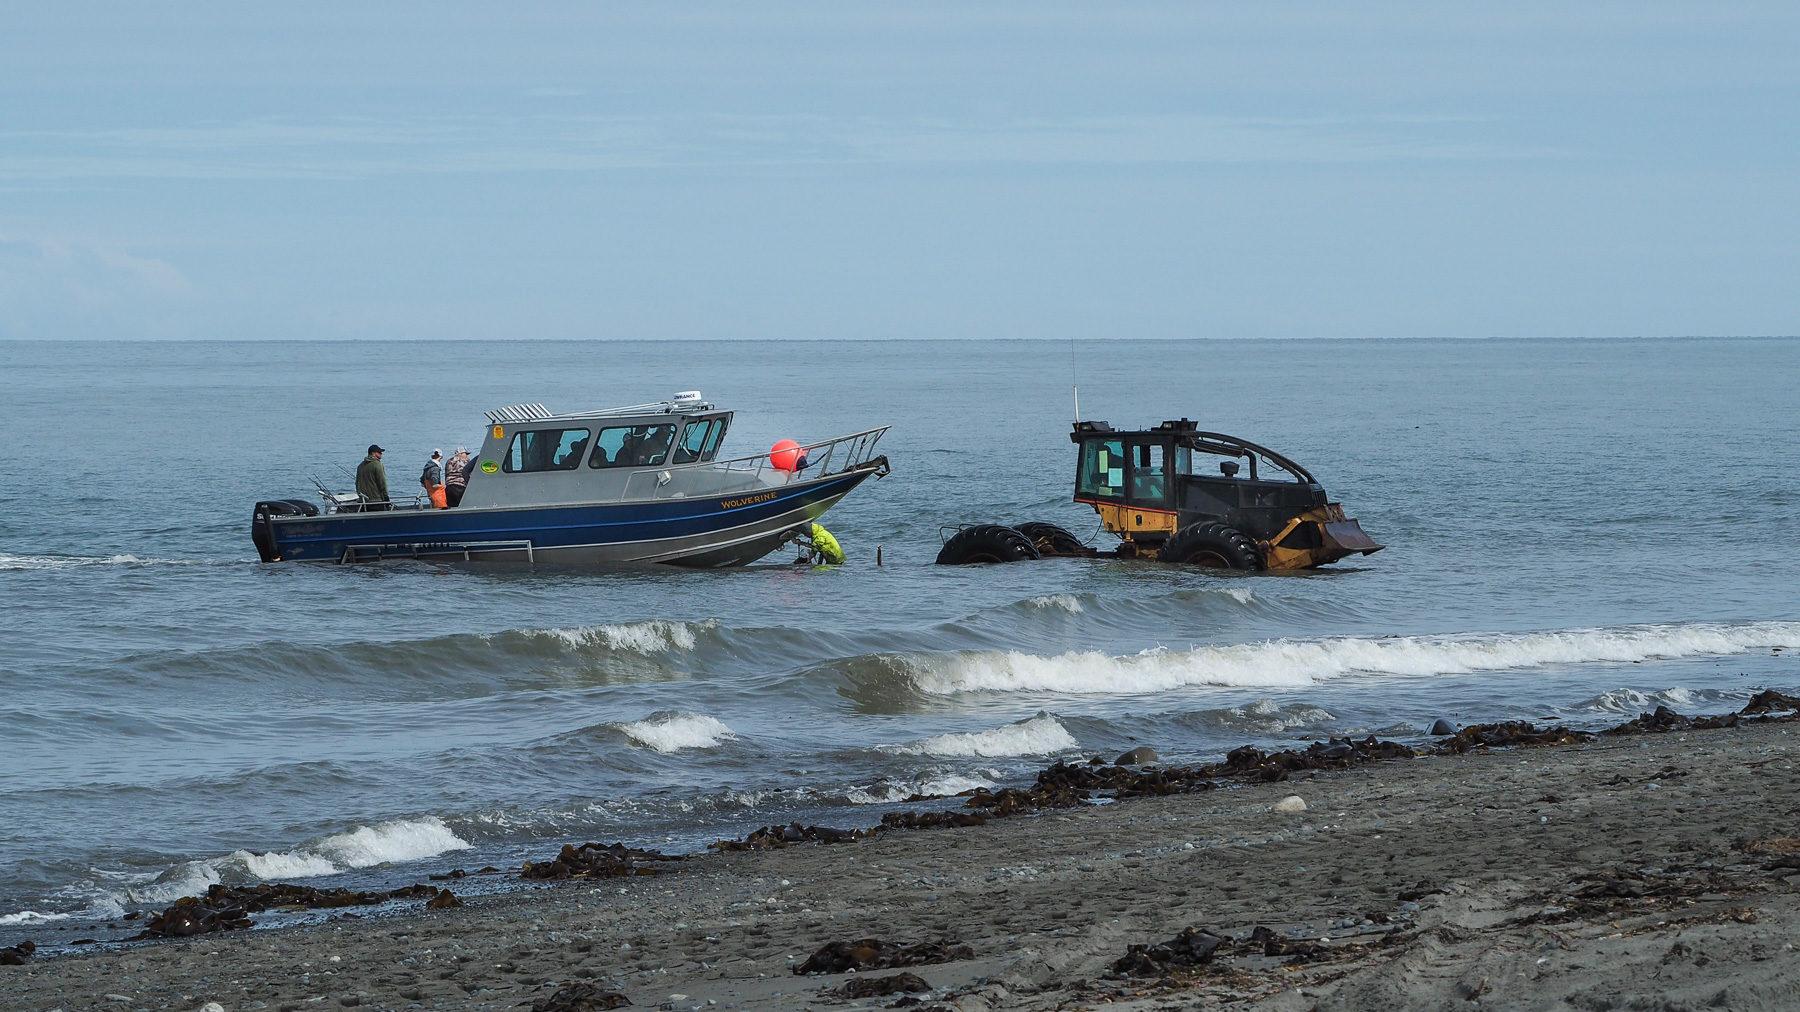 ...geht ohne Steg oder Hafen prima. Einfach Bootshänger ins Wasser fahren